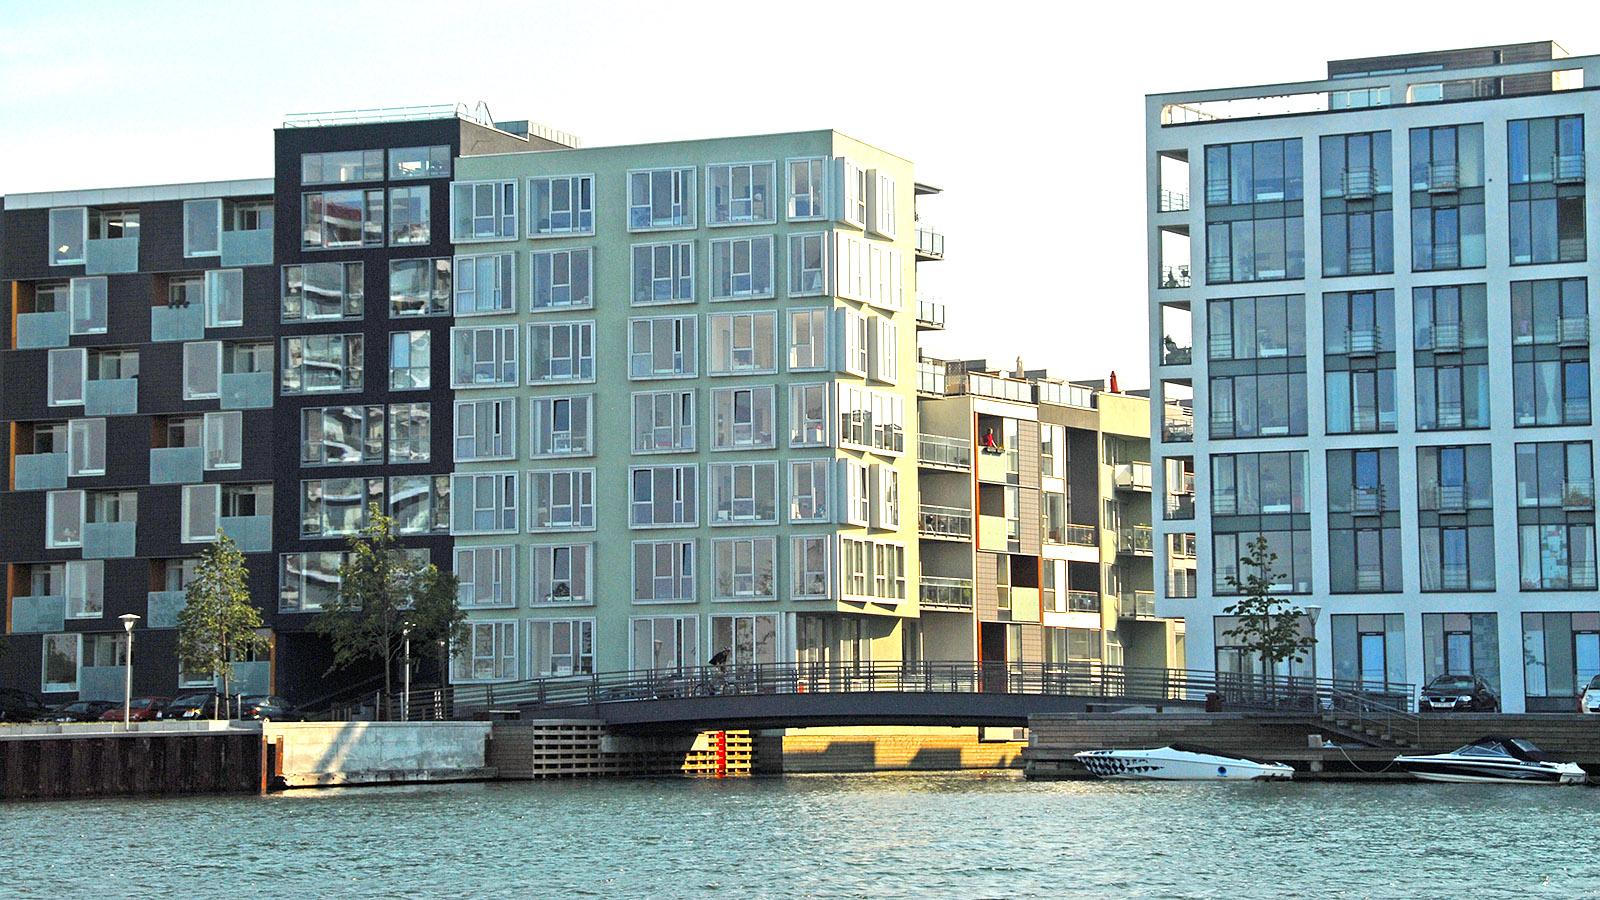 Unterwegs im Hafenbus: Der neue Stadtteil Teglholmen. Foto: Hilke Maunder